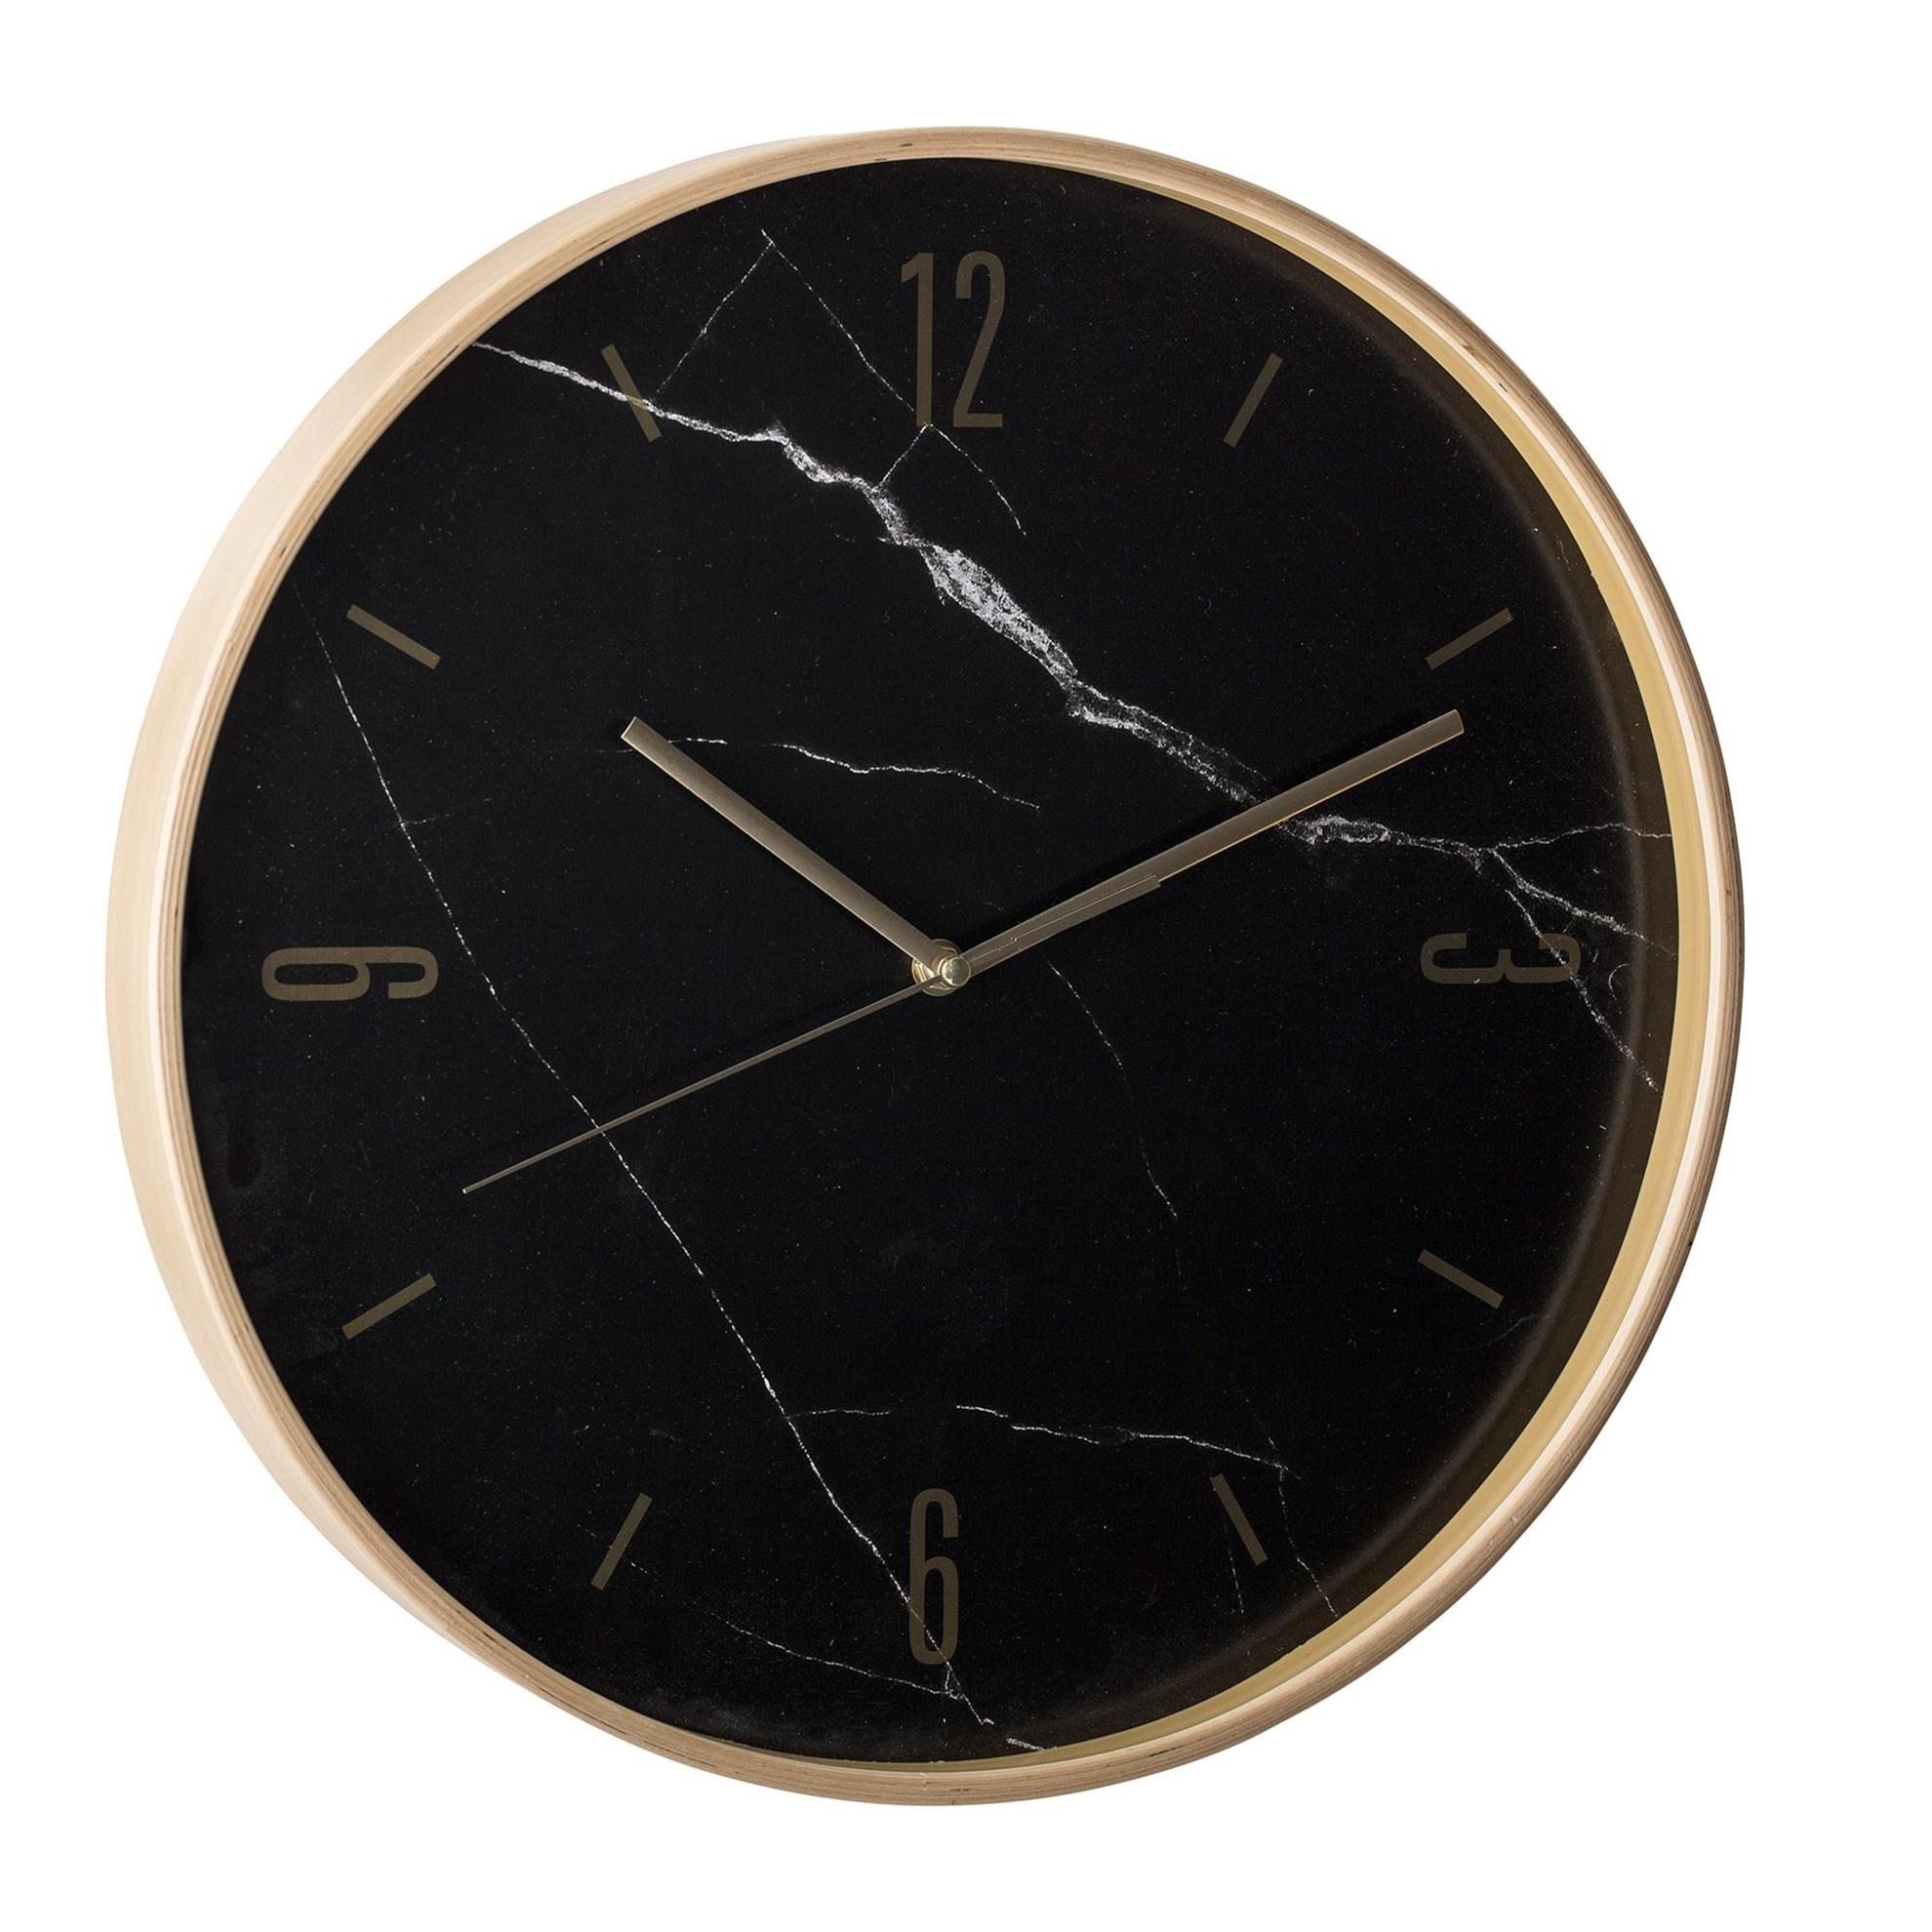 Nástěnné hodiny s mramorovým dekorem_0